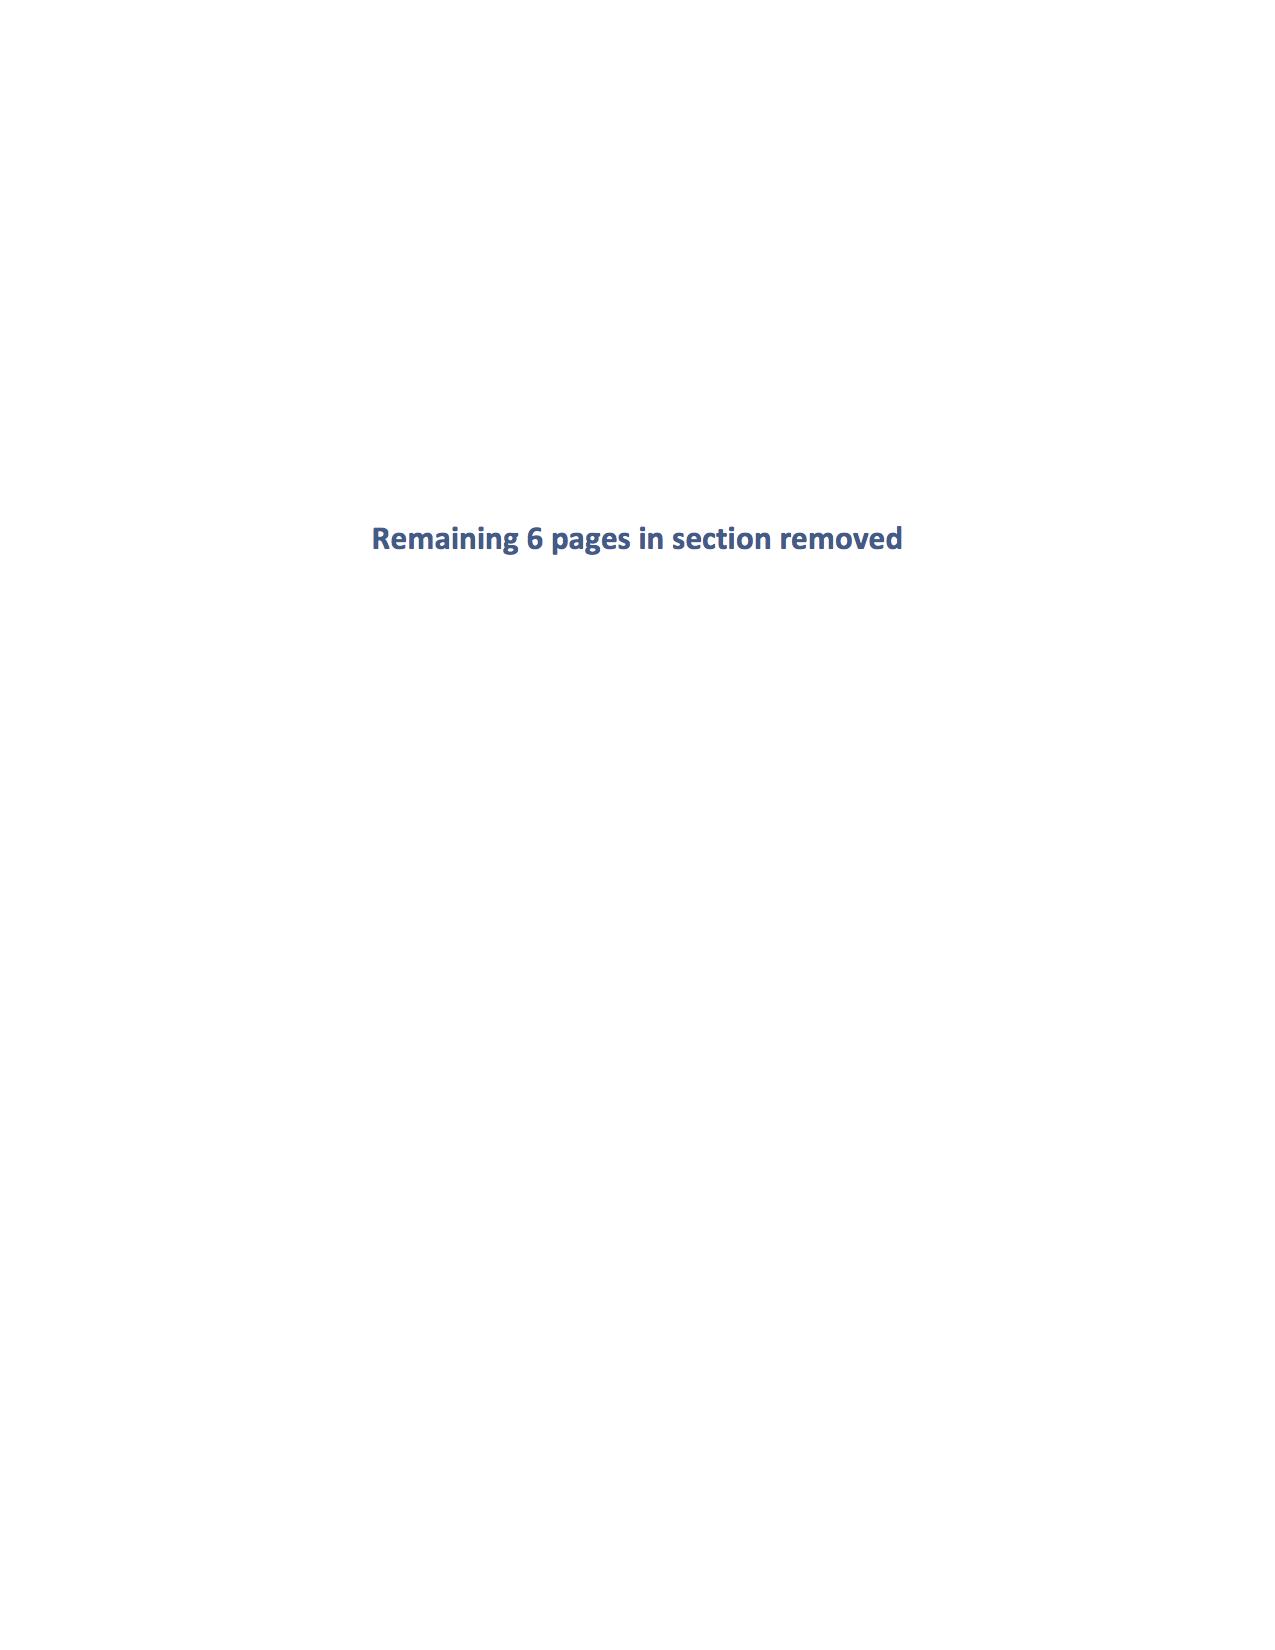 Beta Learning Plan (redacted)16.png